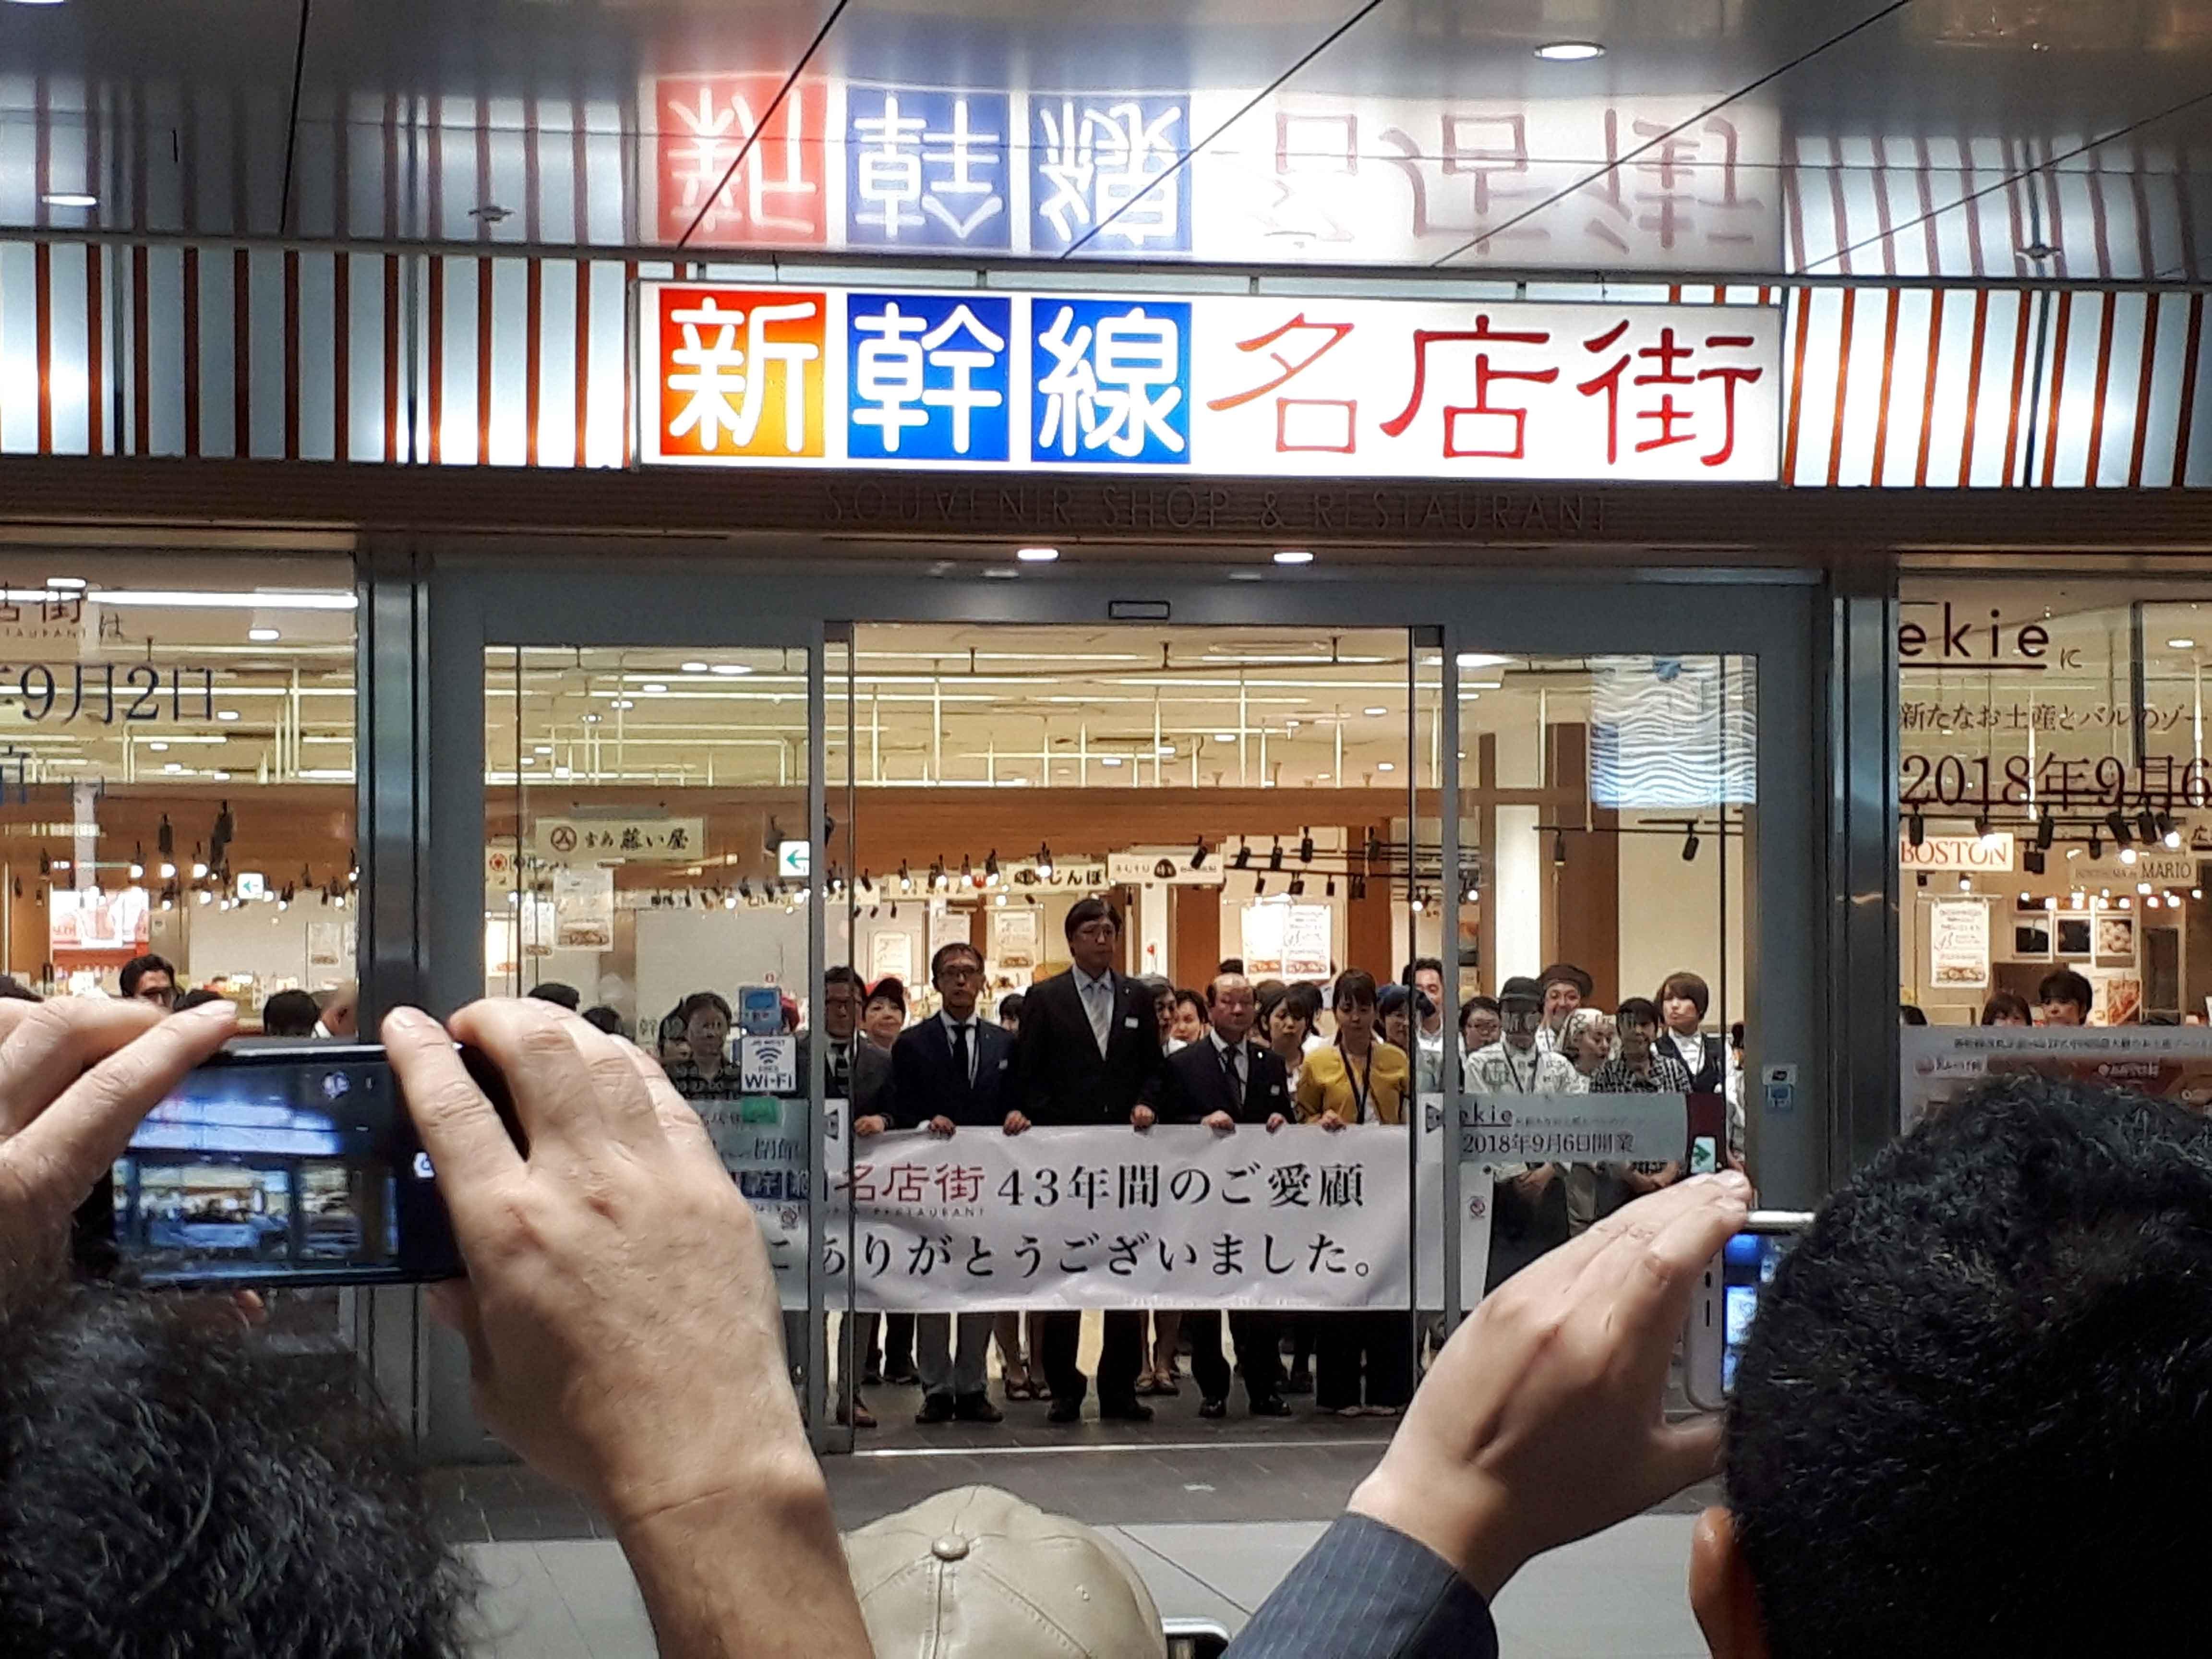 新幹線名店街店